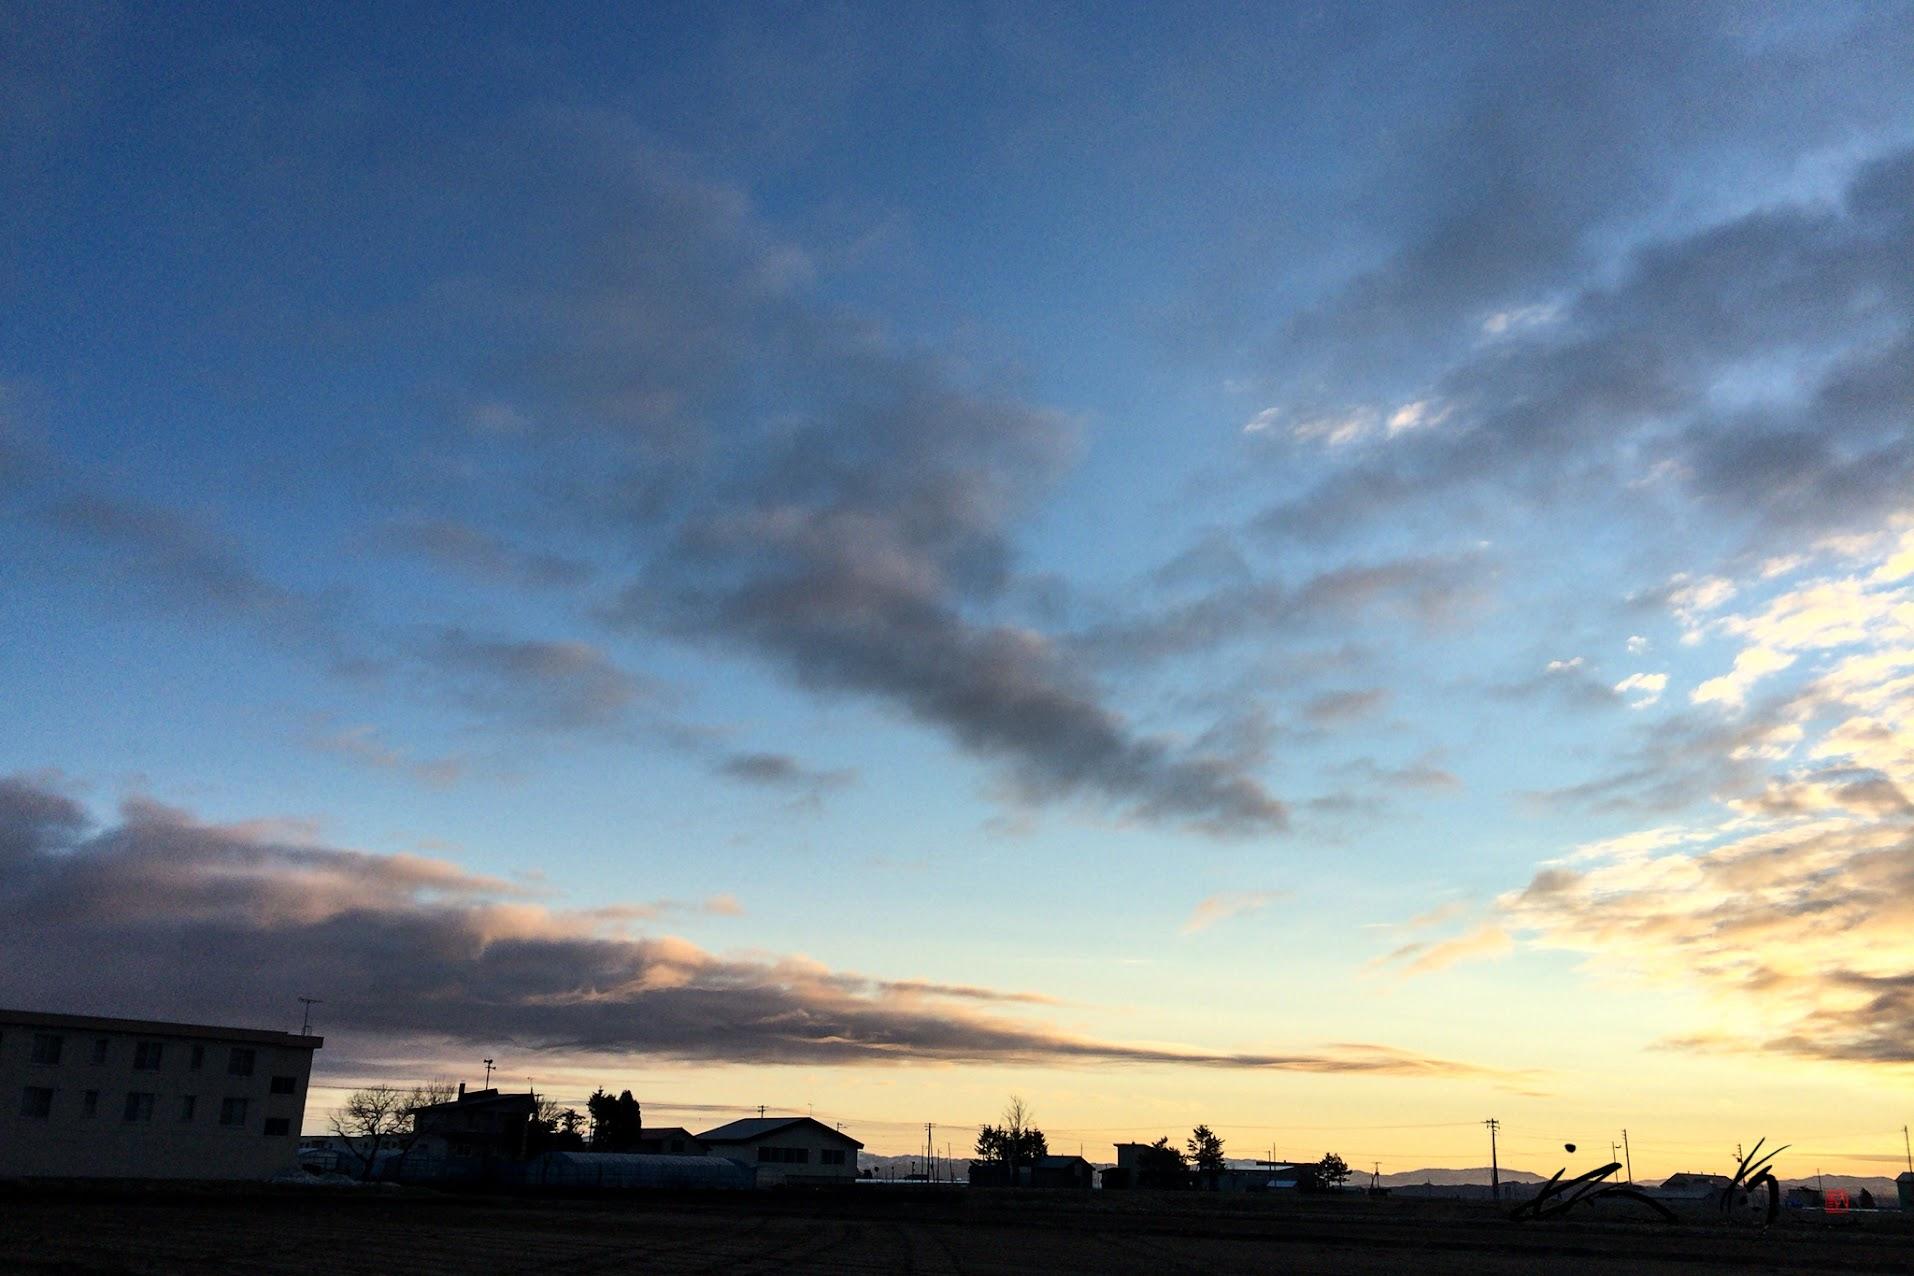 朝陽を浴びて、たなびく灰色雲